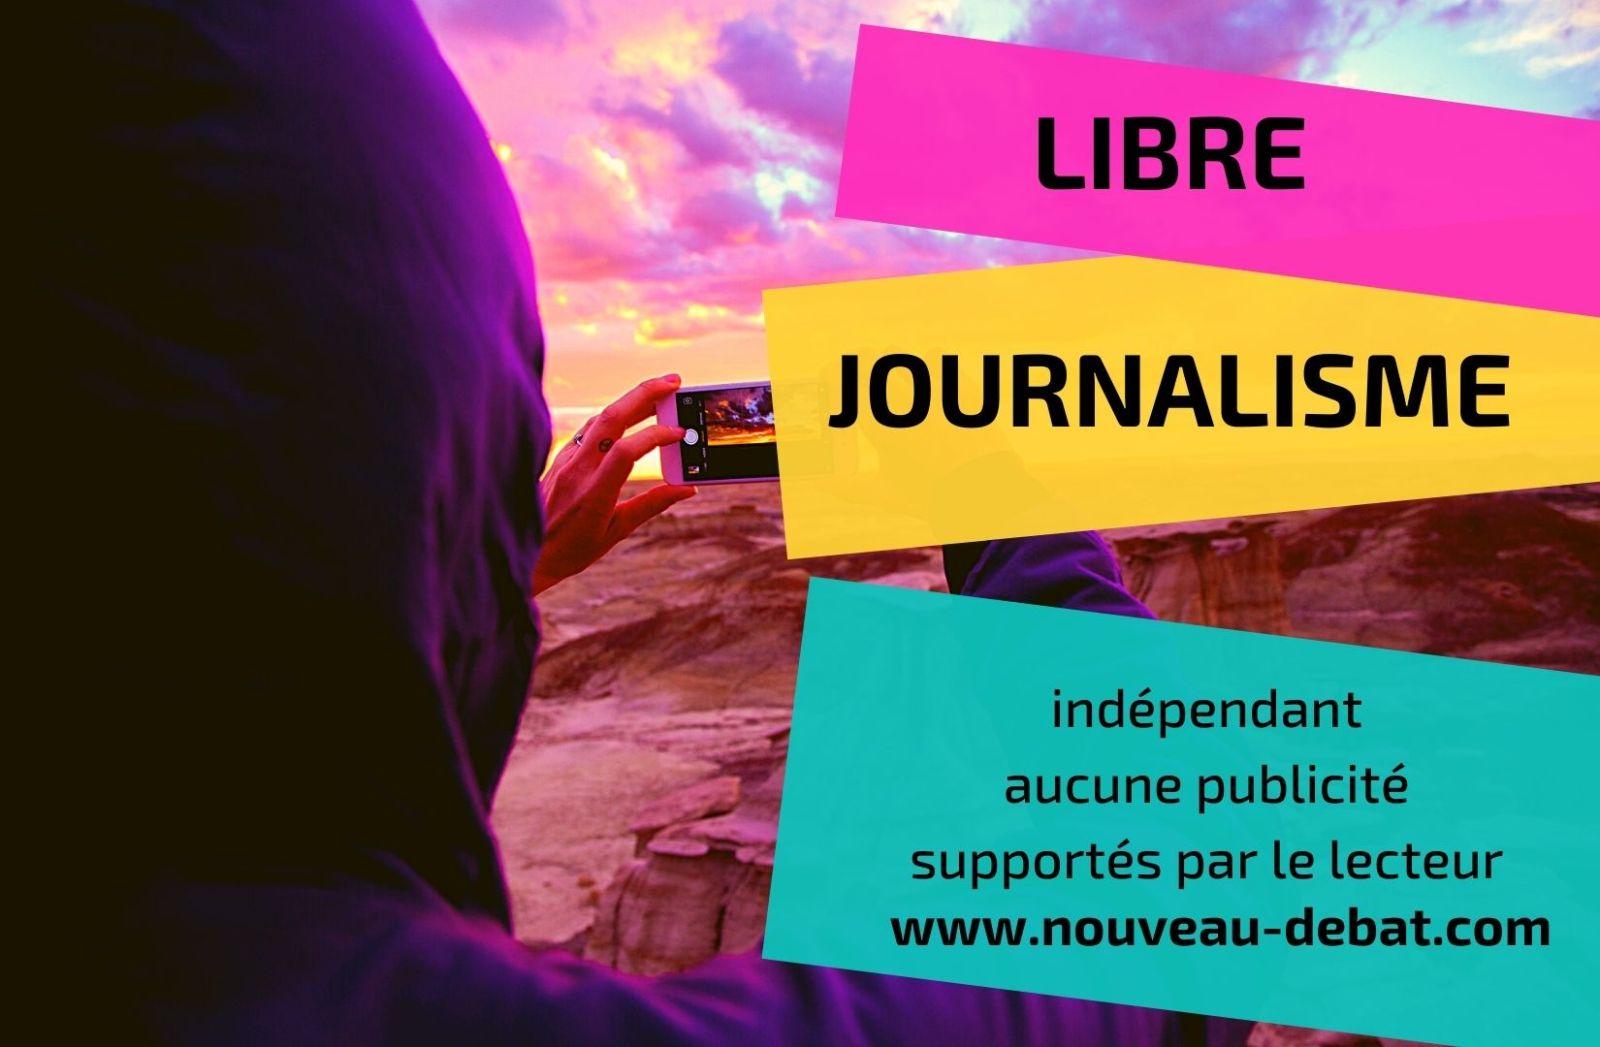 Projekt Nouveau Debat www.nouveau-debat.com